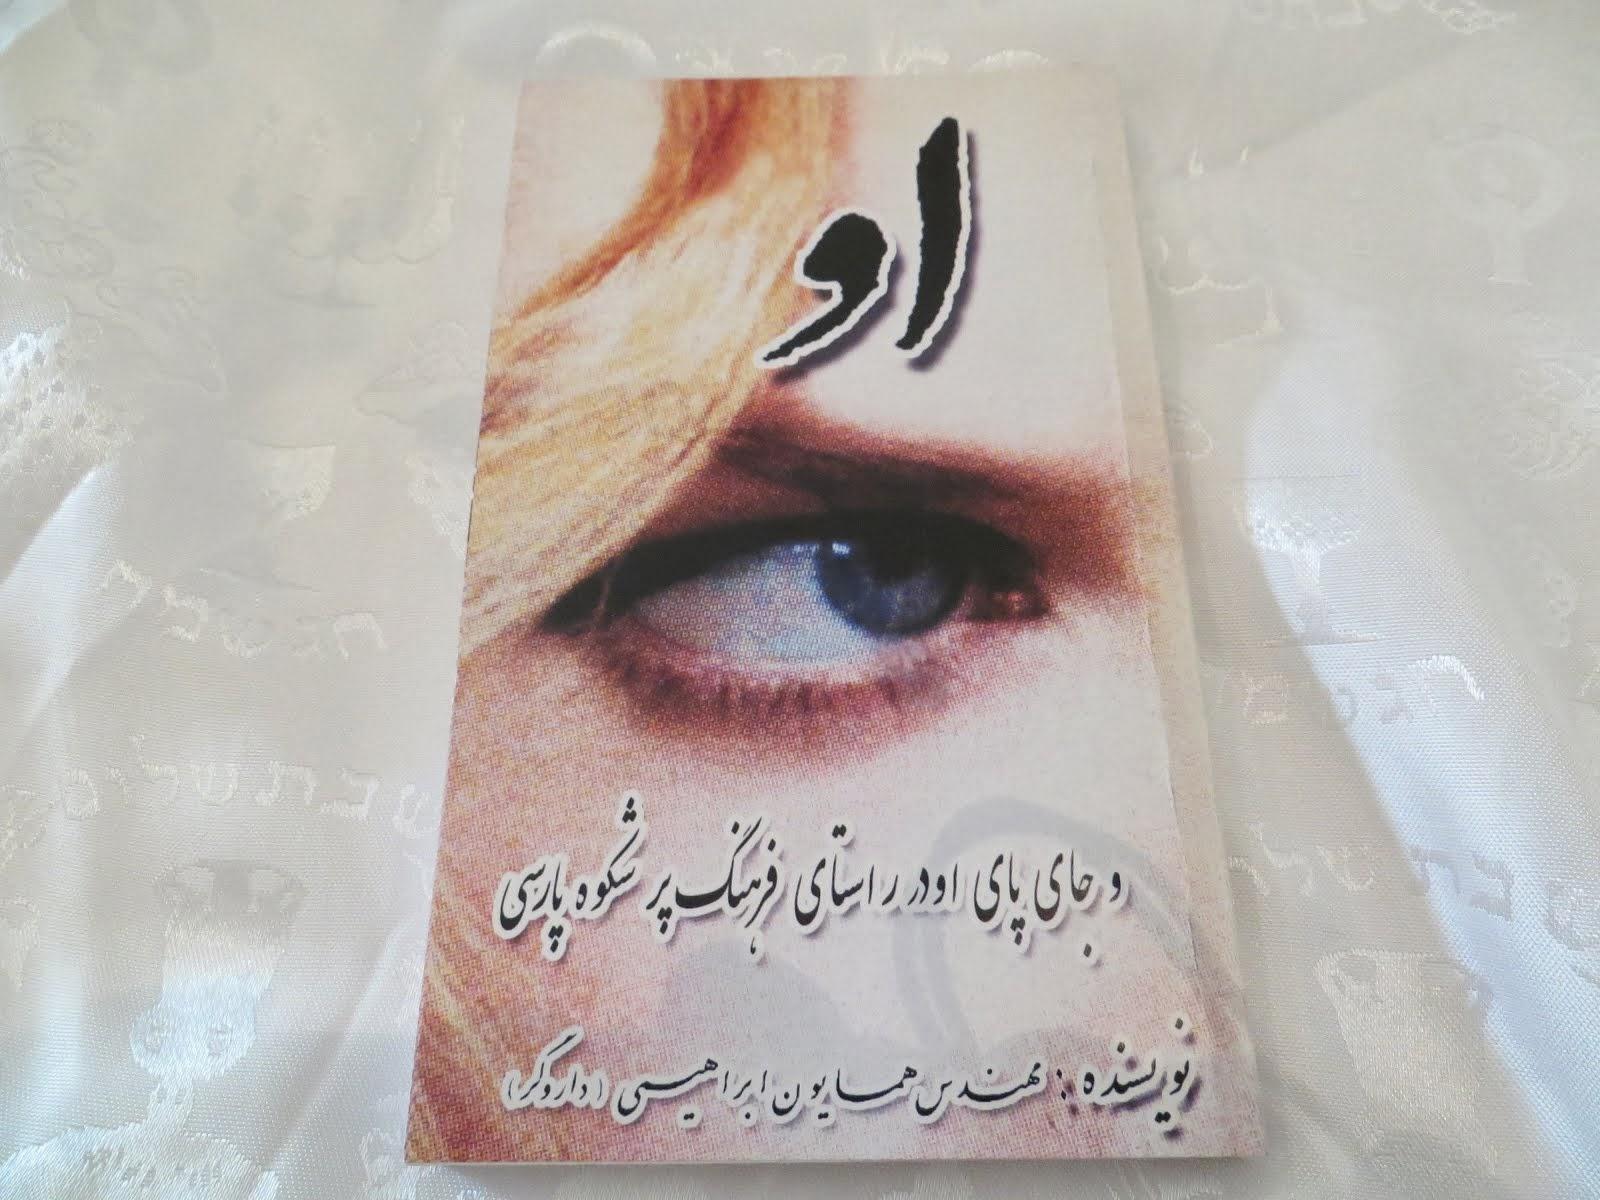 کتاب او و جای پای او در فرهنگ شکوهمند پارسی